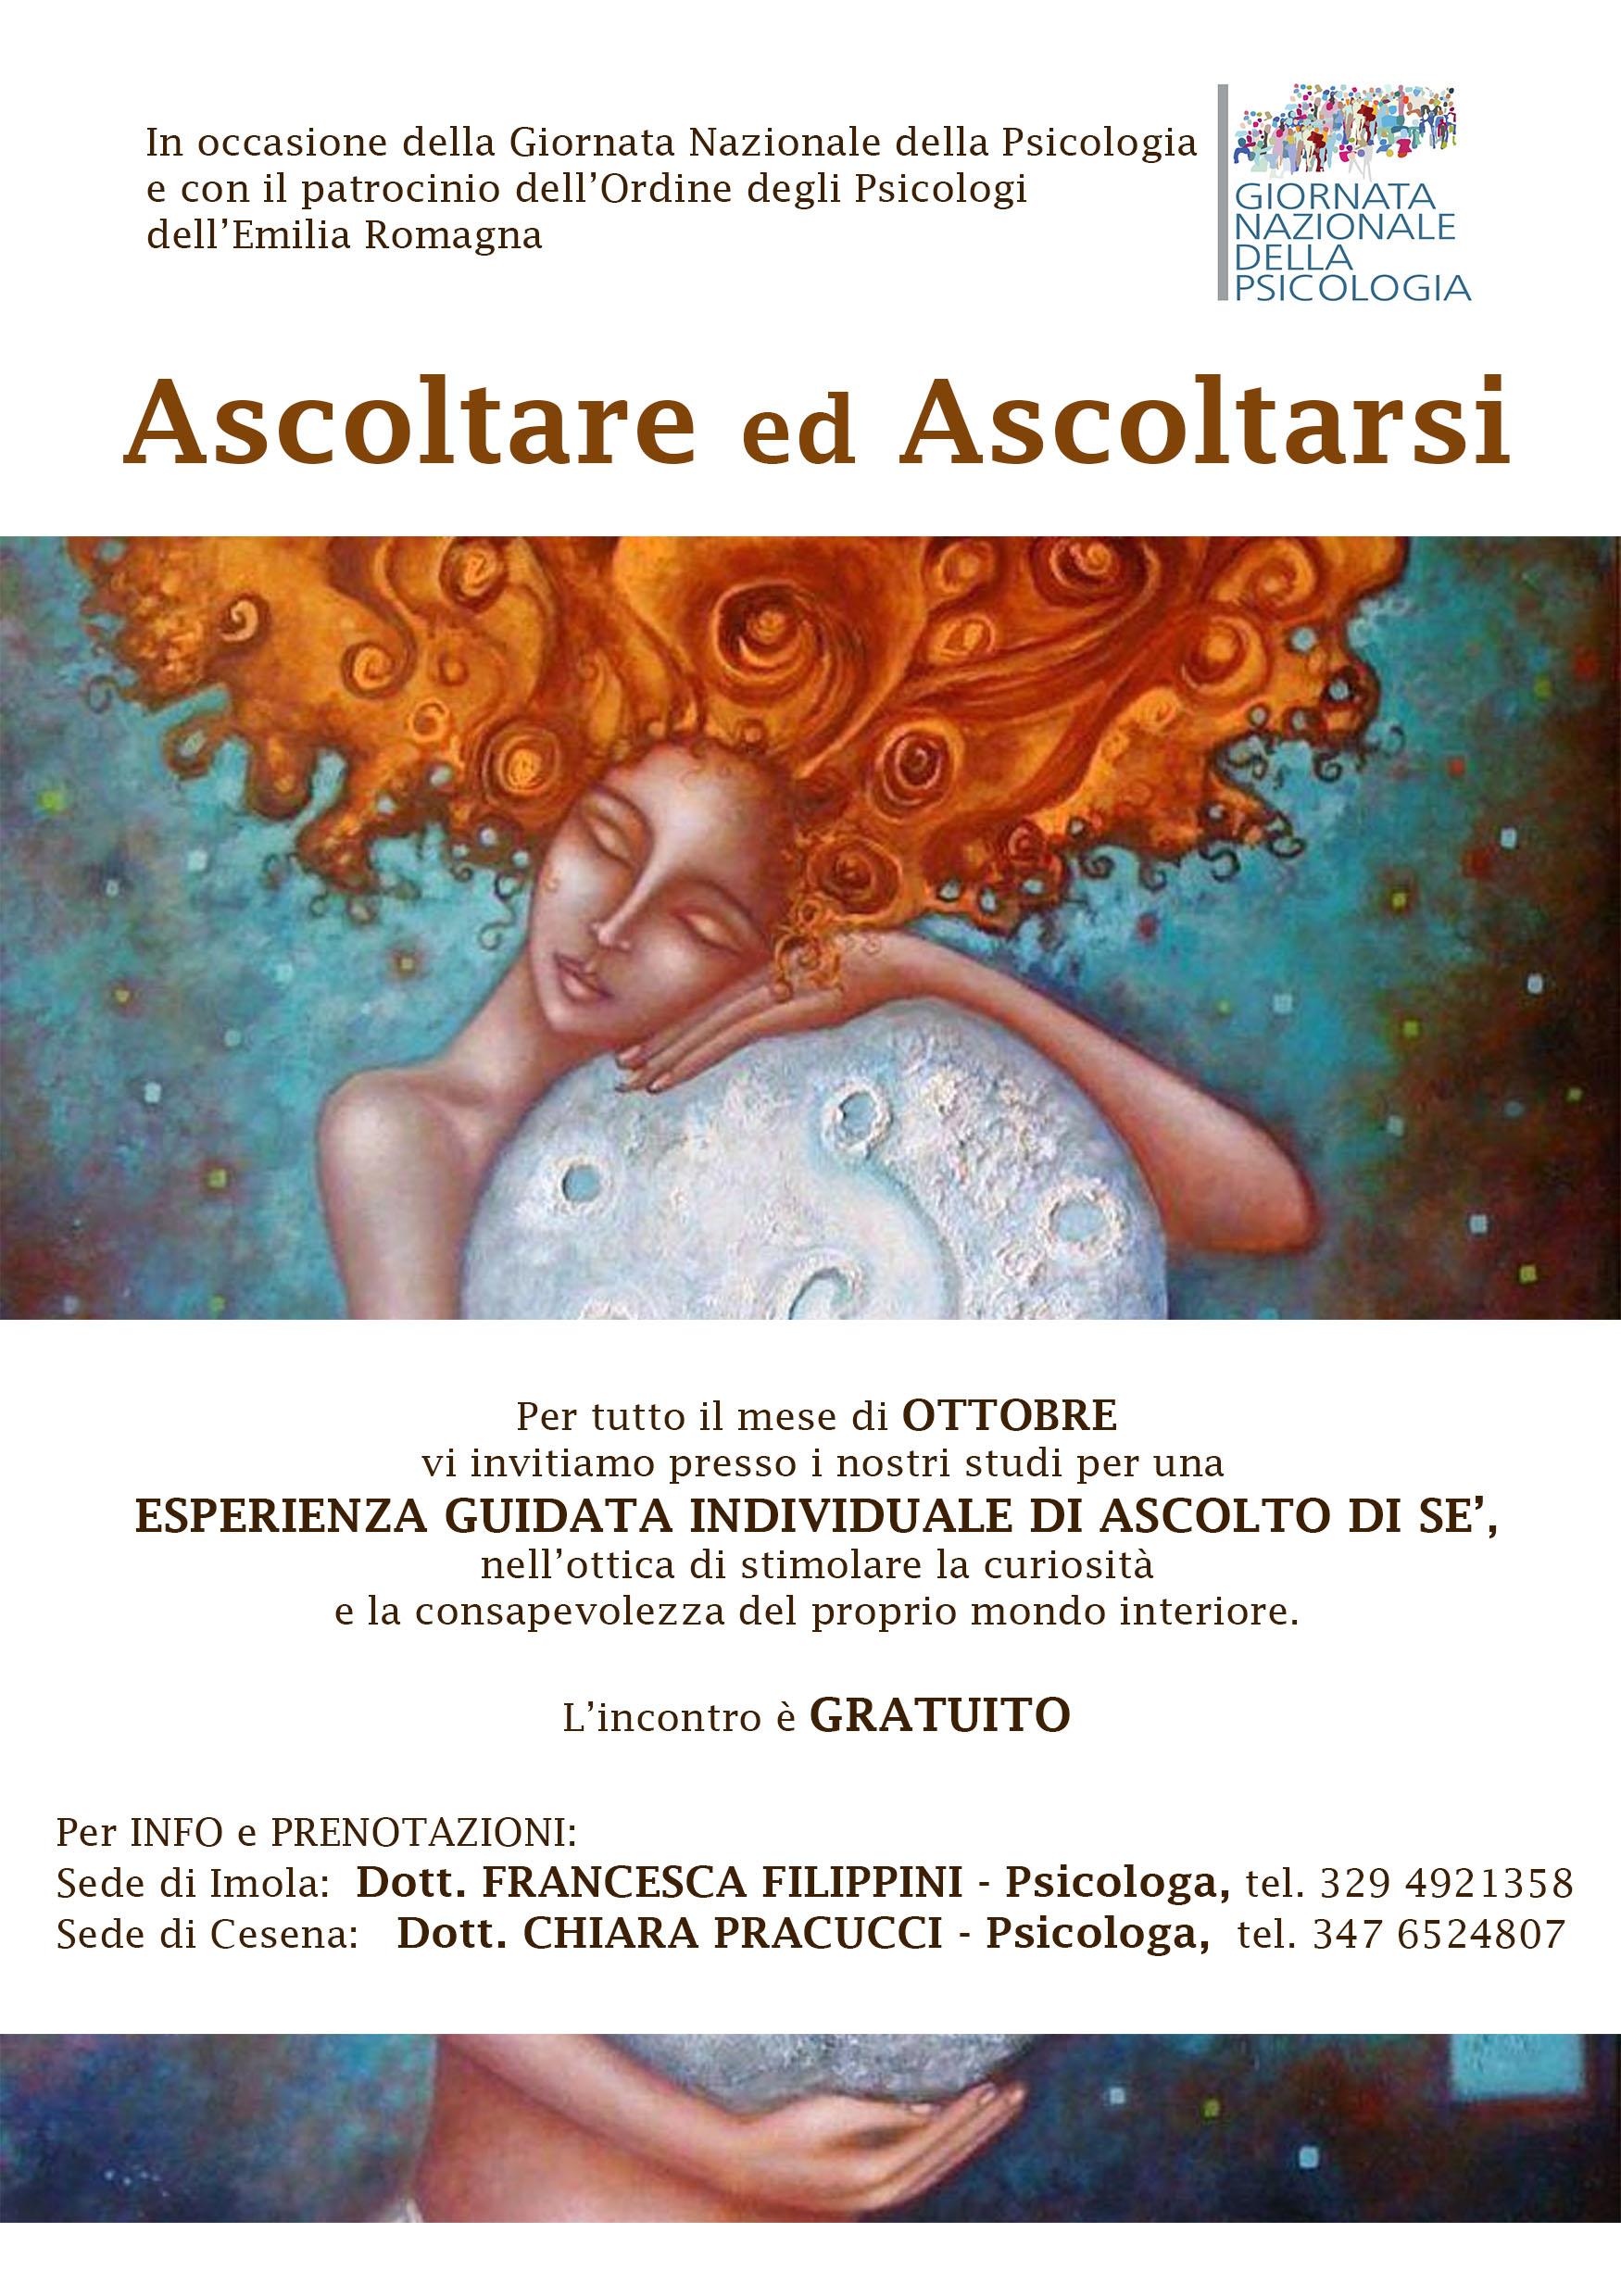 Ascoltare Ascoltarsi - Francesca Filippini Psicologa Imola